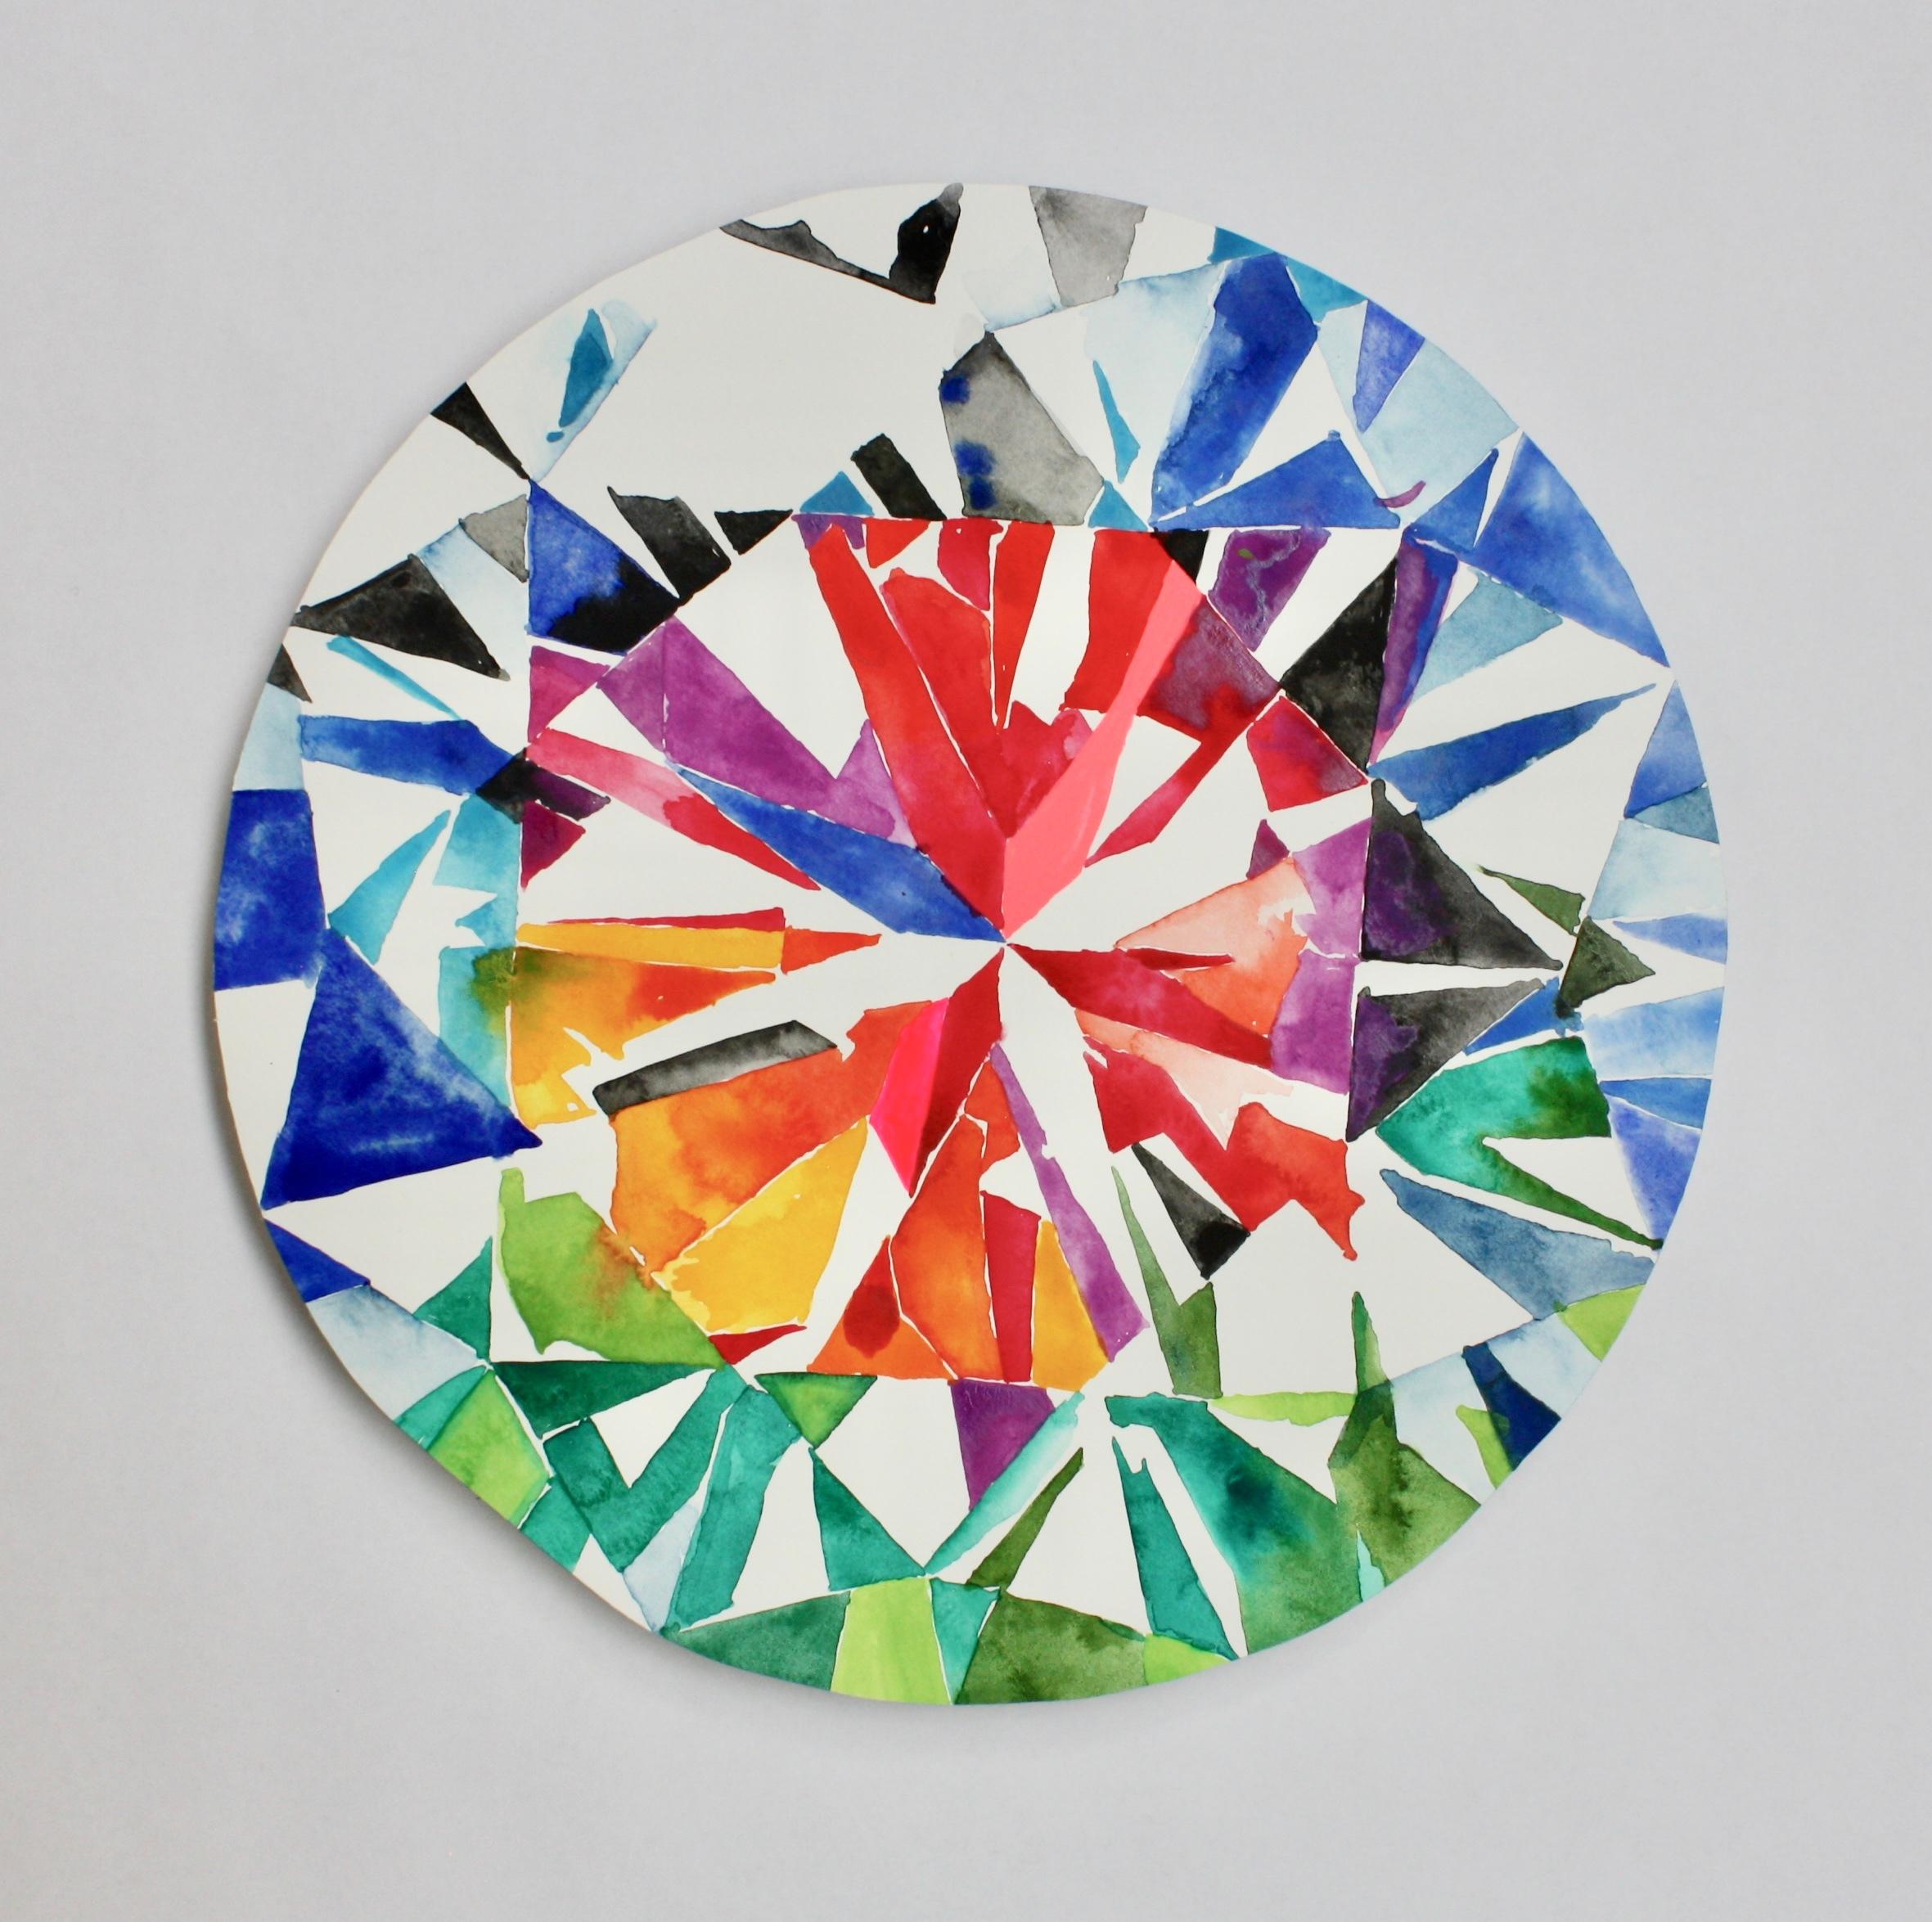 Kojin brilliant cut diamond wj3pbw